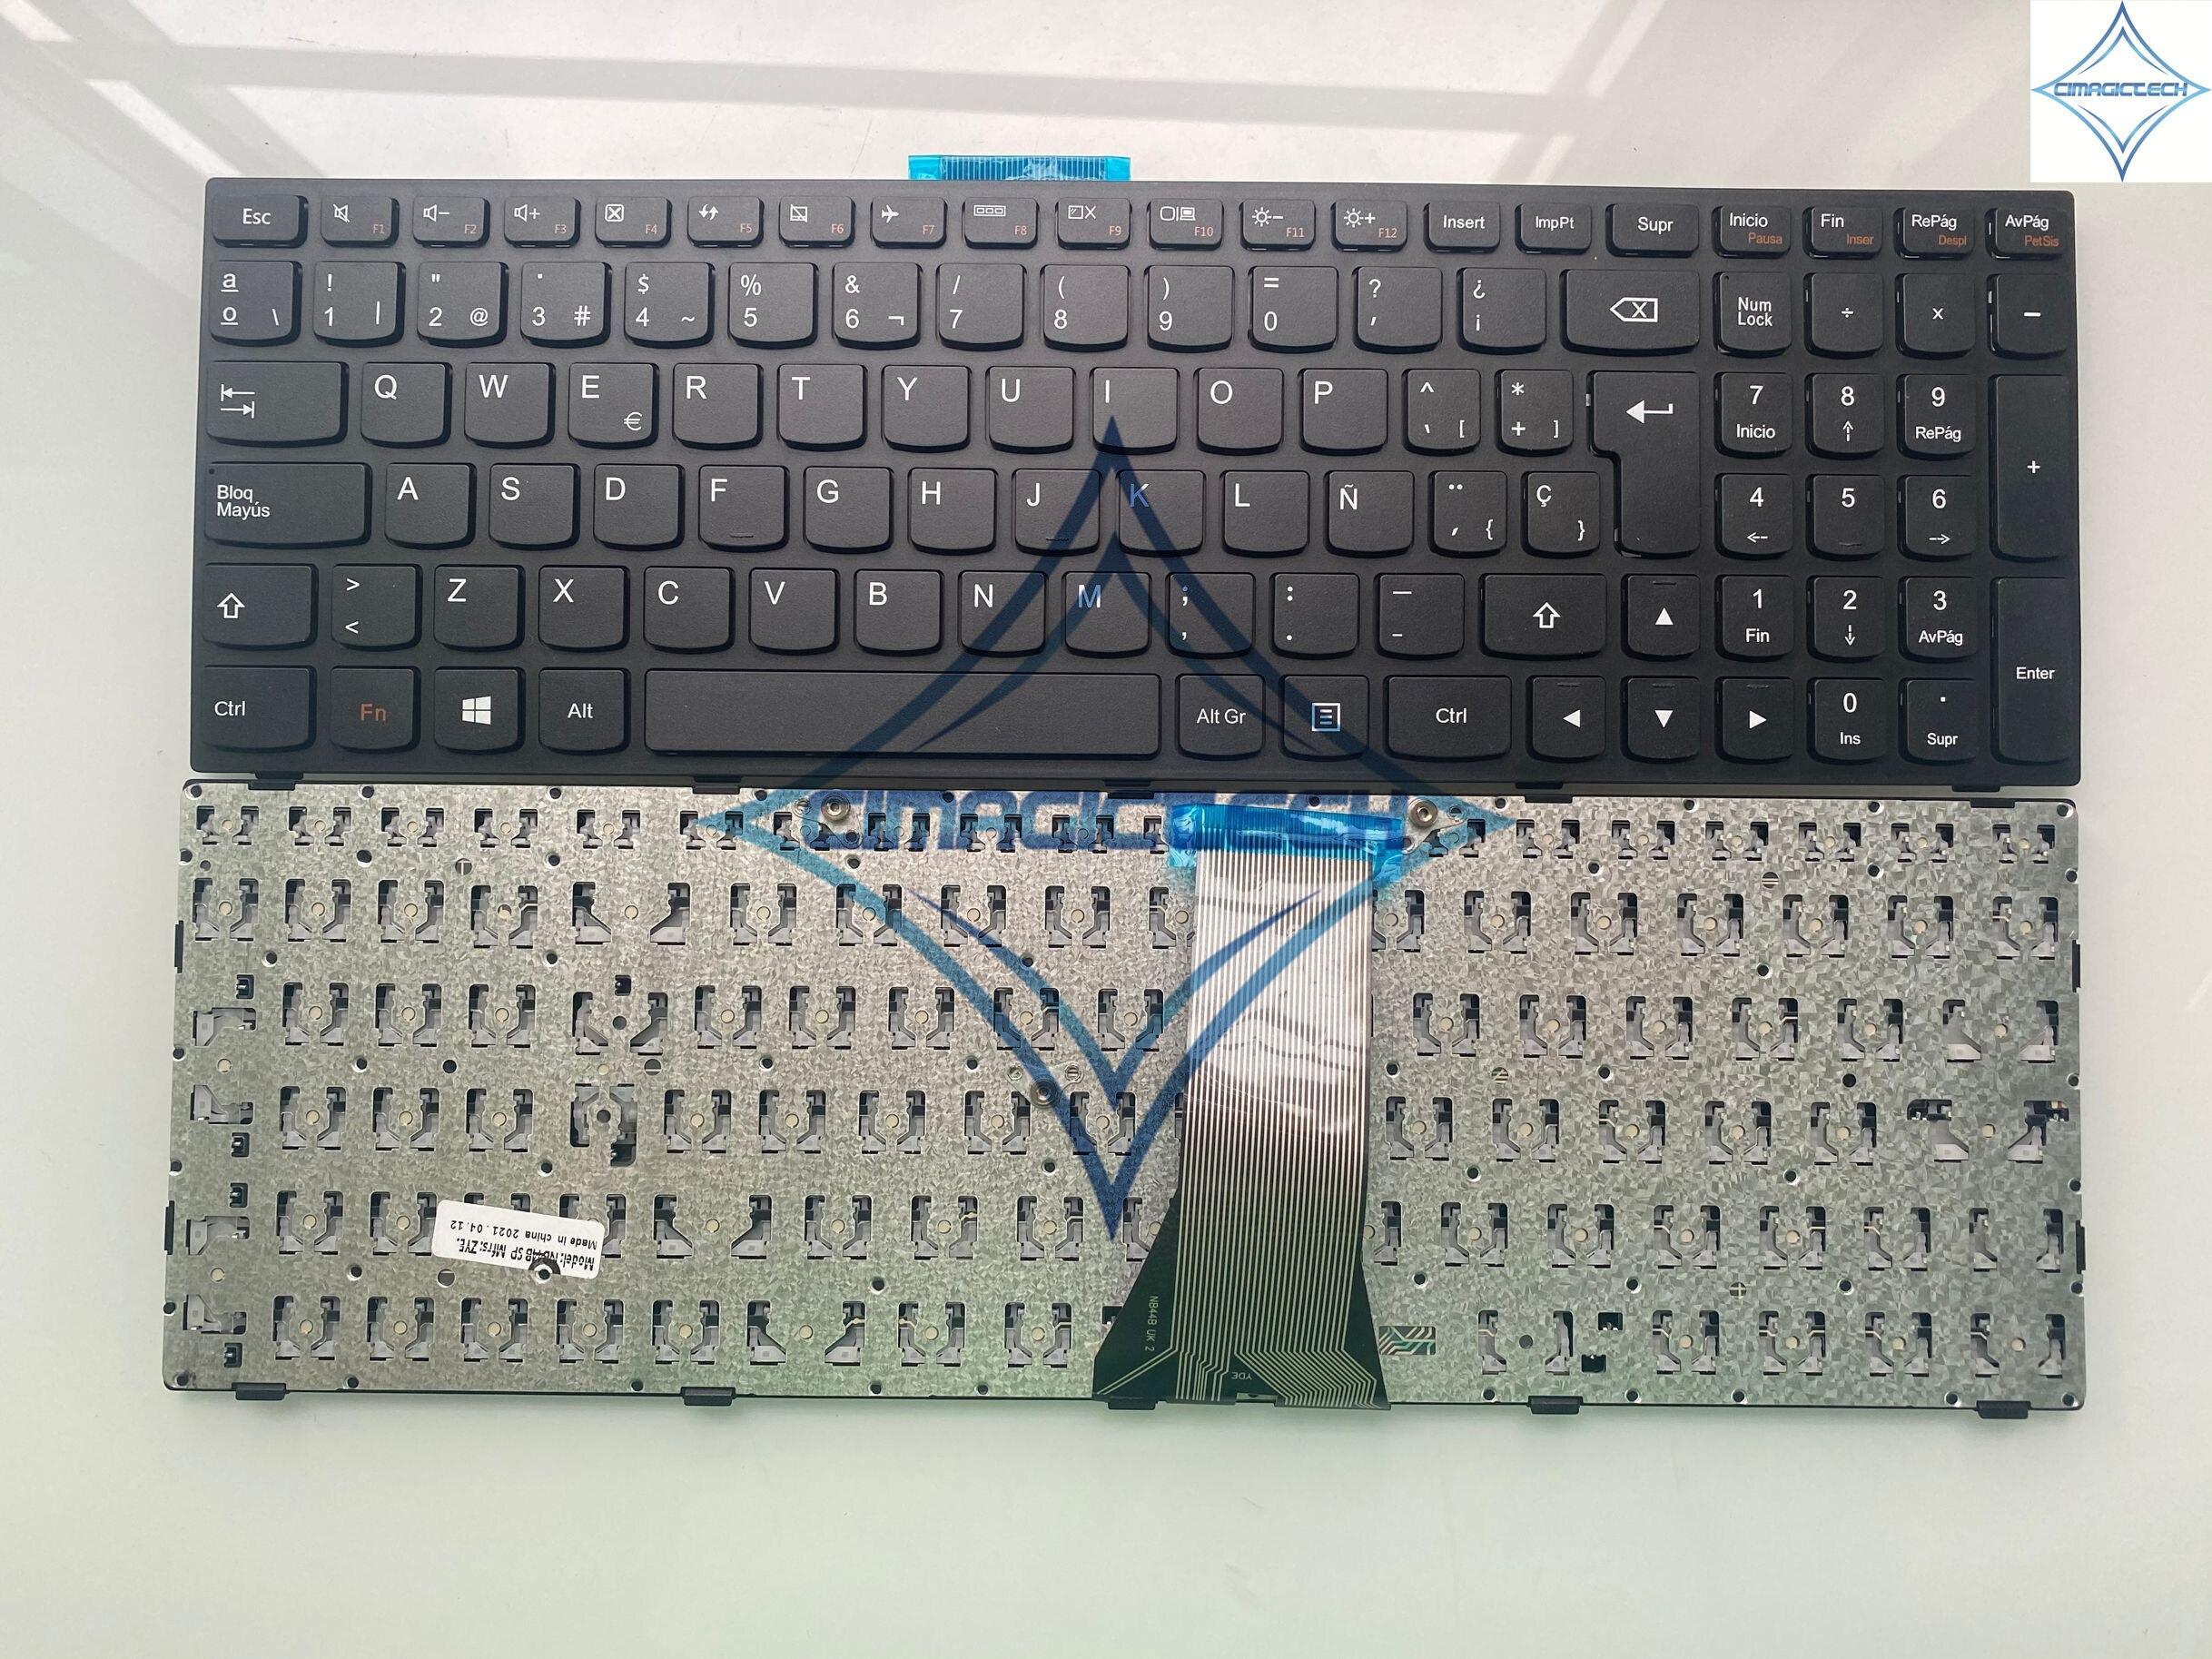 جديد لينوفو ايديا باد 300-15 300-15isk 300-15IBR 300-17ISK 300-15IRU 300-17IRU SP LA الاسباني لوحة مفاتيح الكمبيوتر المحمول Teclado